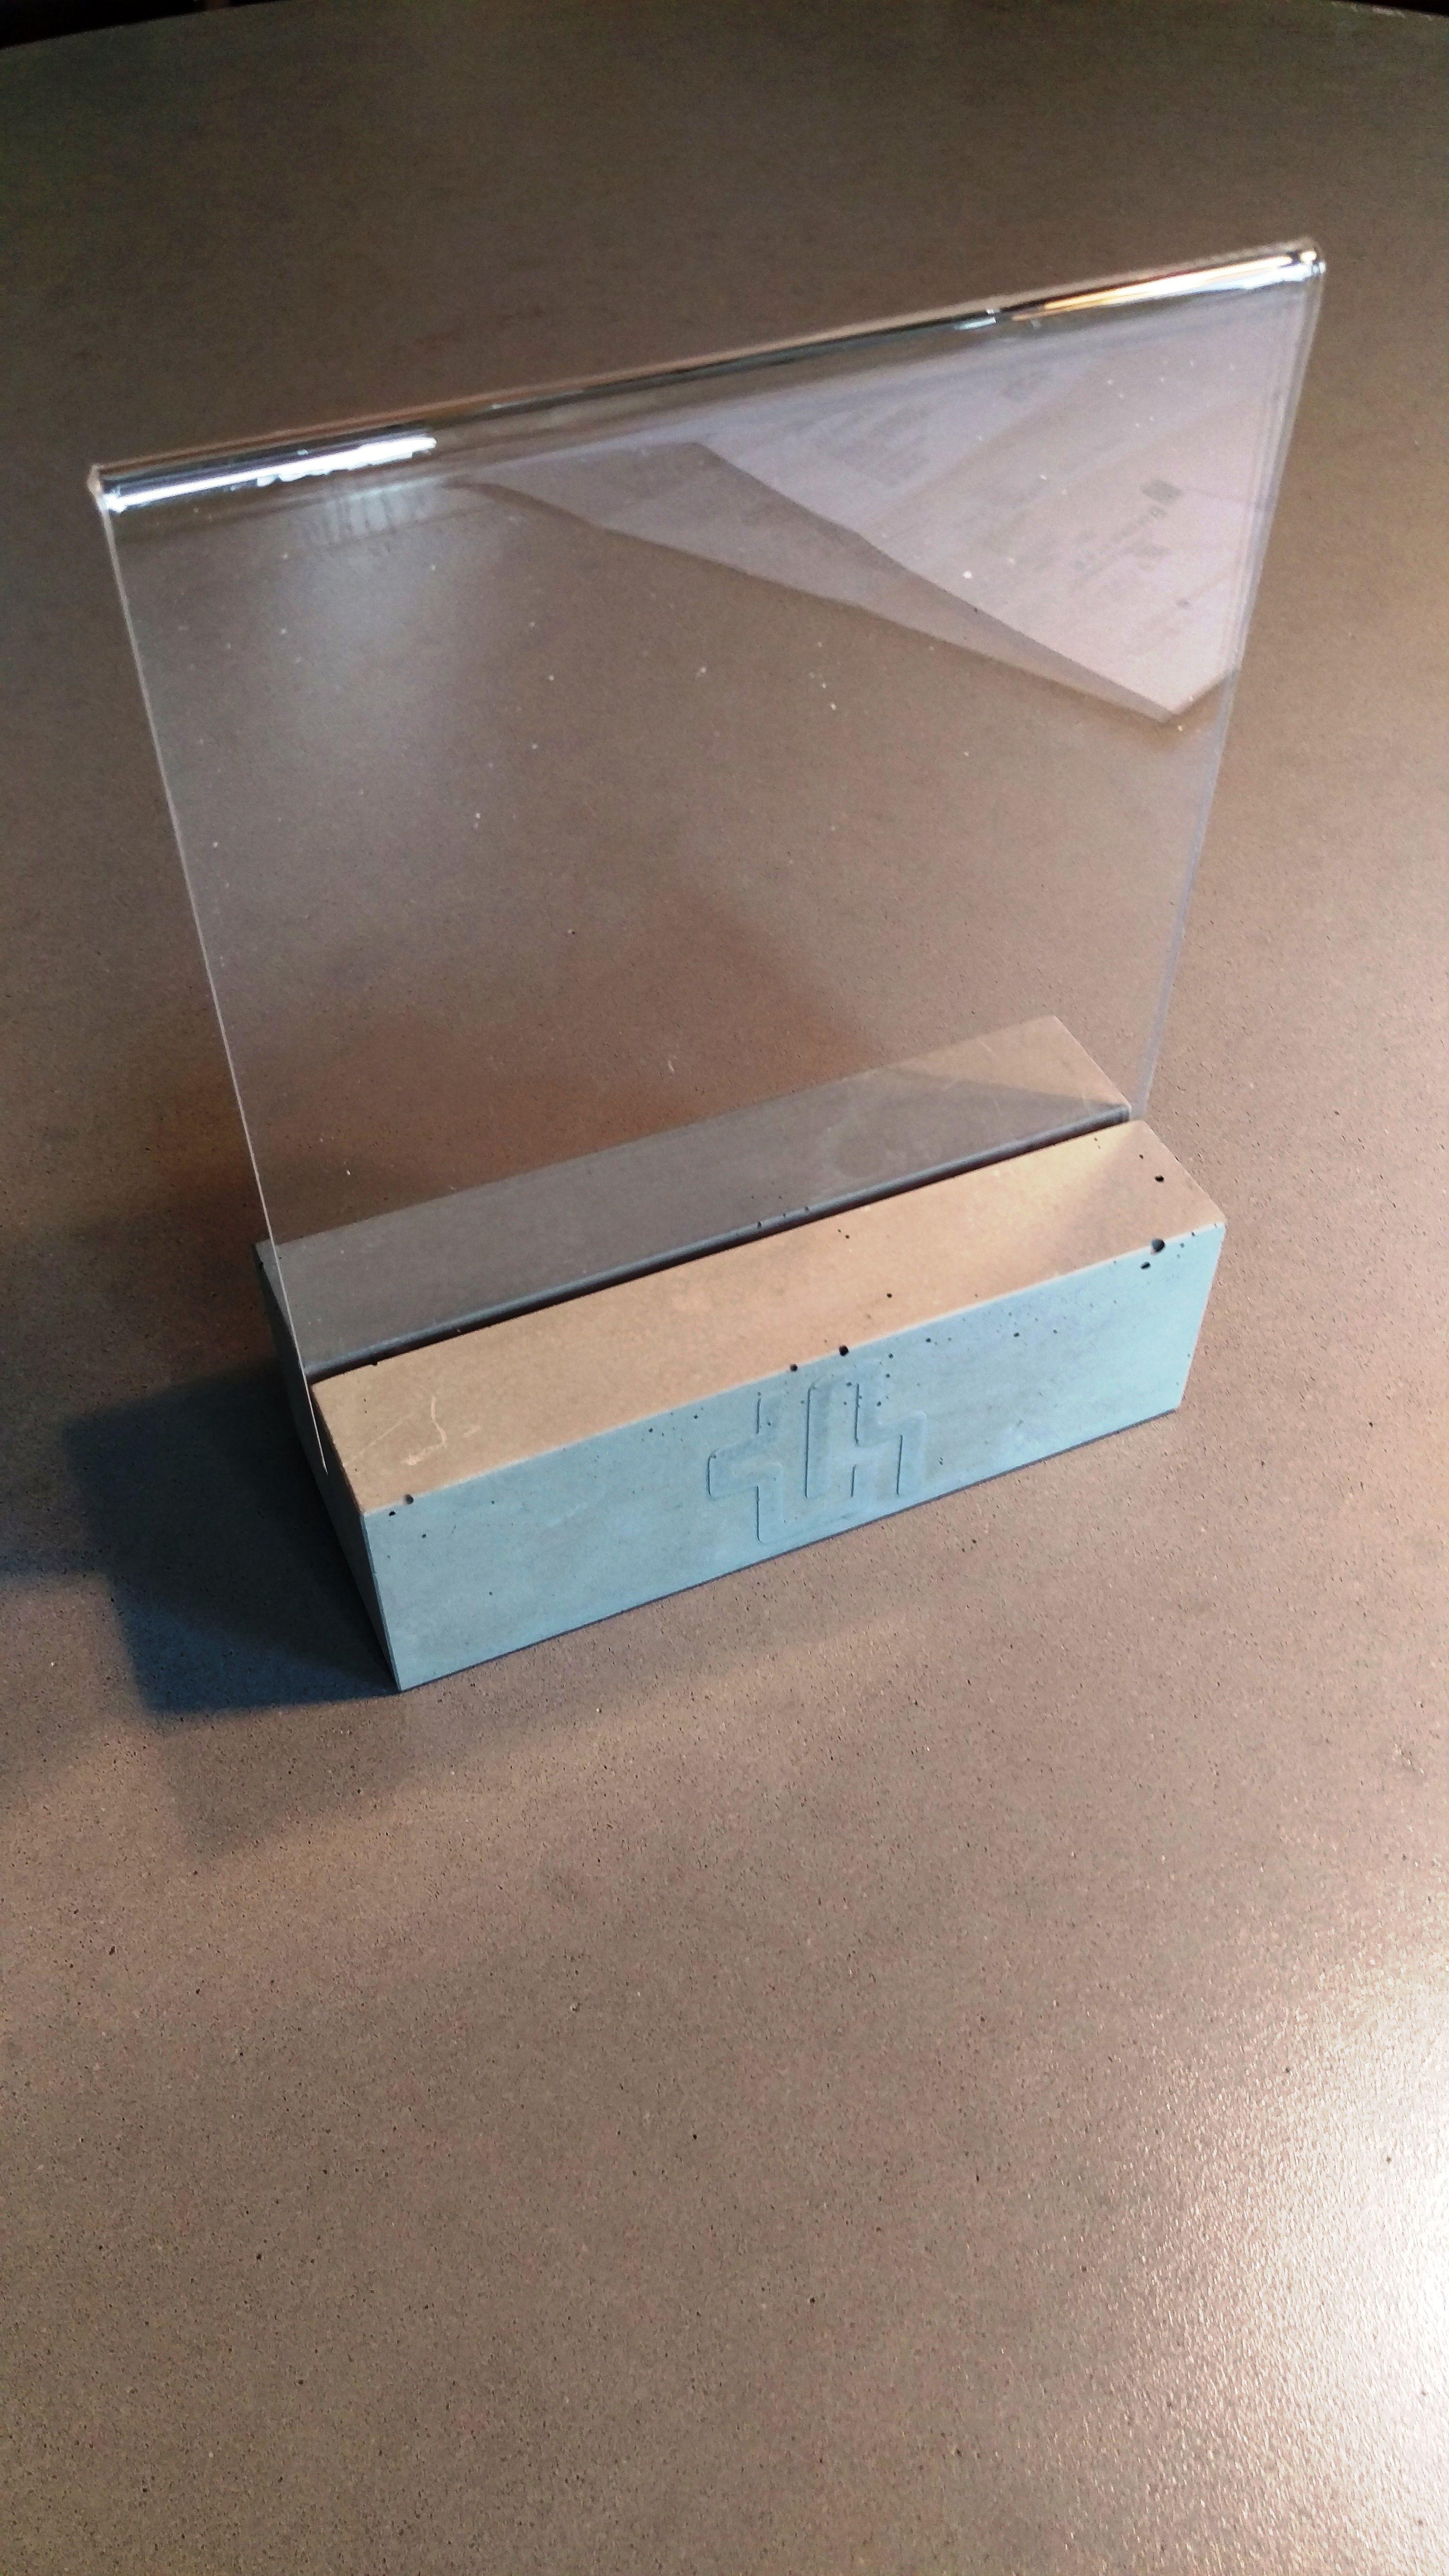 Tischaufsteller Aus Beton Mit Einer Nut Und Plexiglas Aufsteller Betonfarbe Tisch